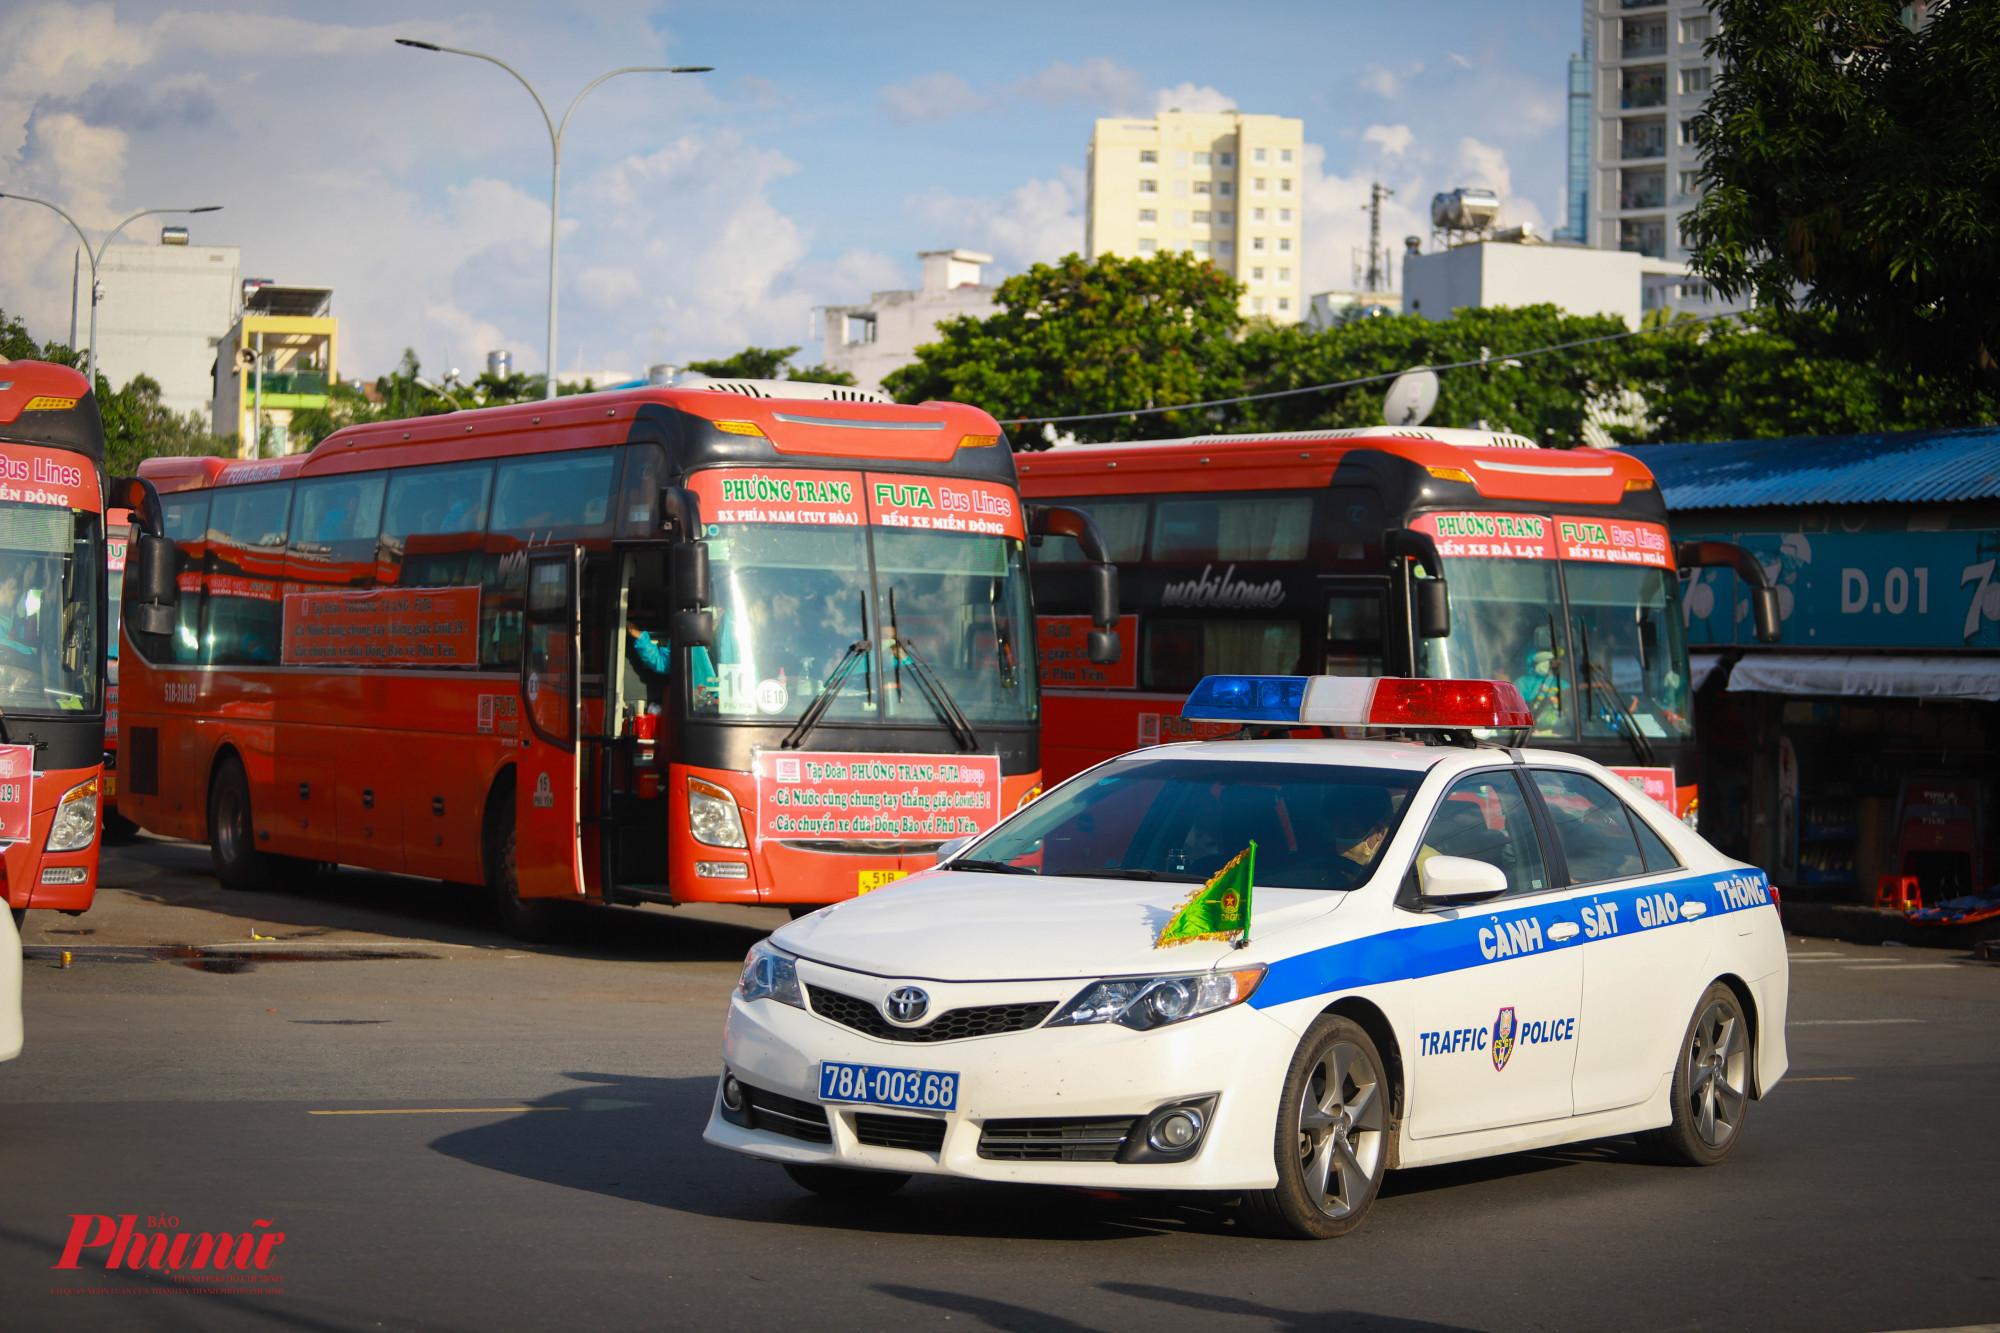 Xe CSGT tỉnh Phú Yên sẽ hỗ tống đoàn về quê thuận lợi, an toàn.